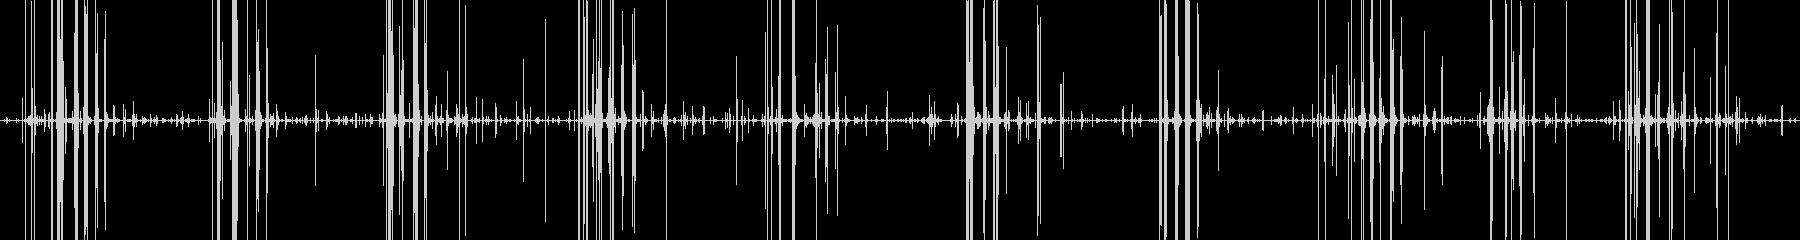 飴をかじる音ガリガリという音ですの未再生の波形